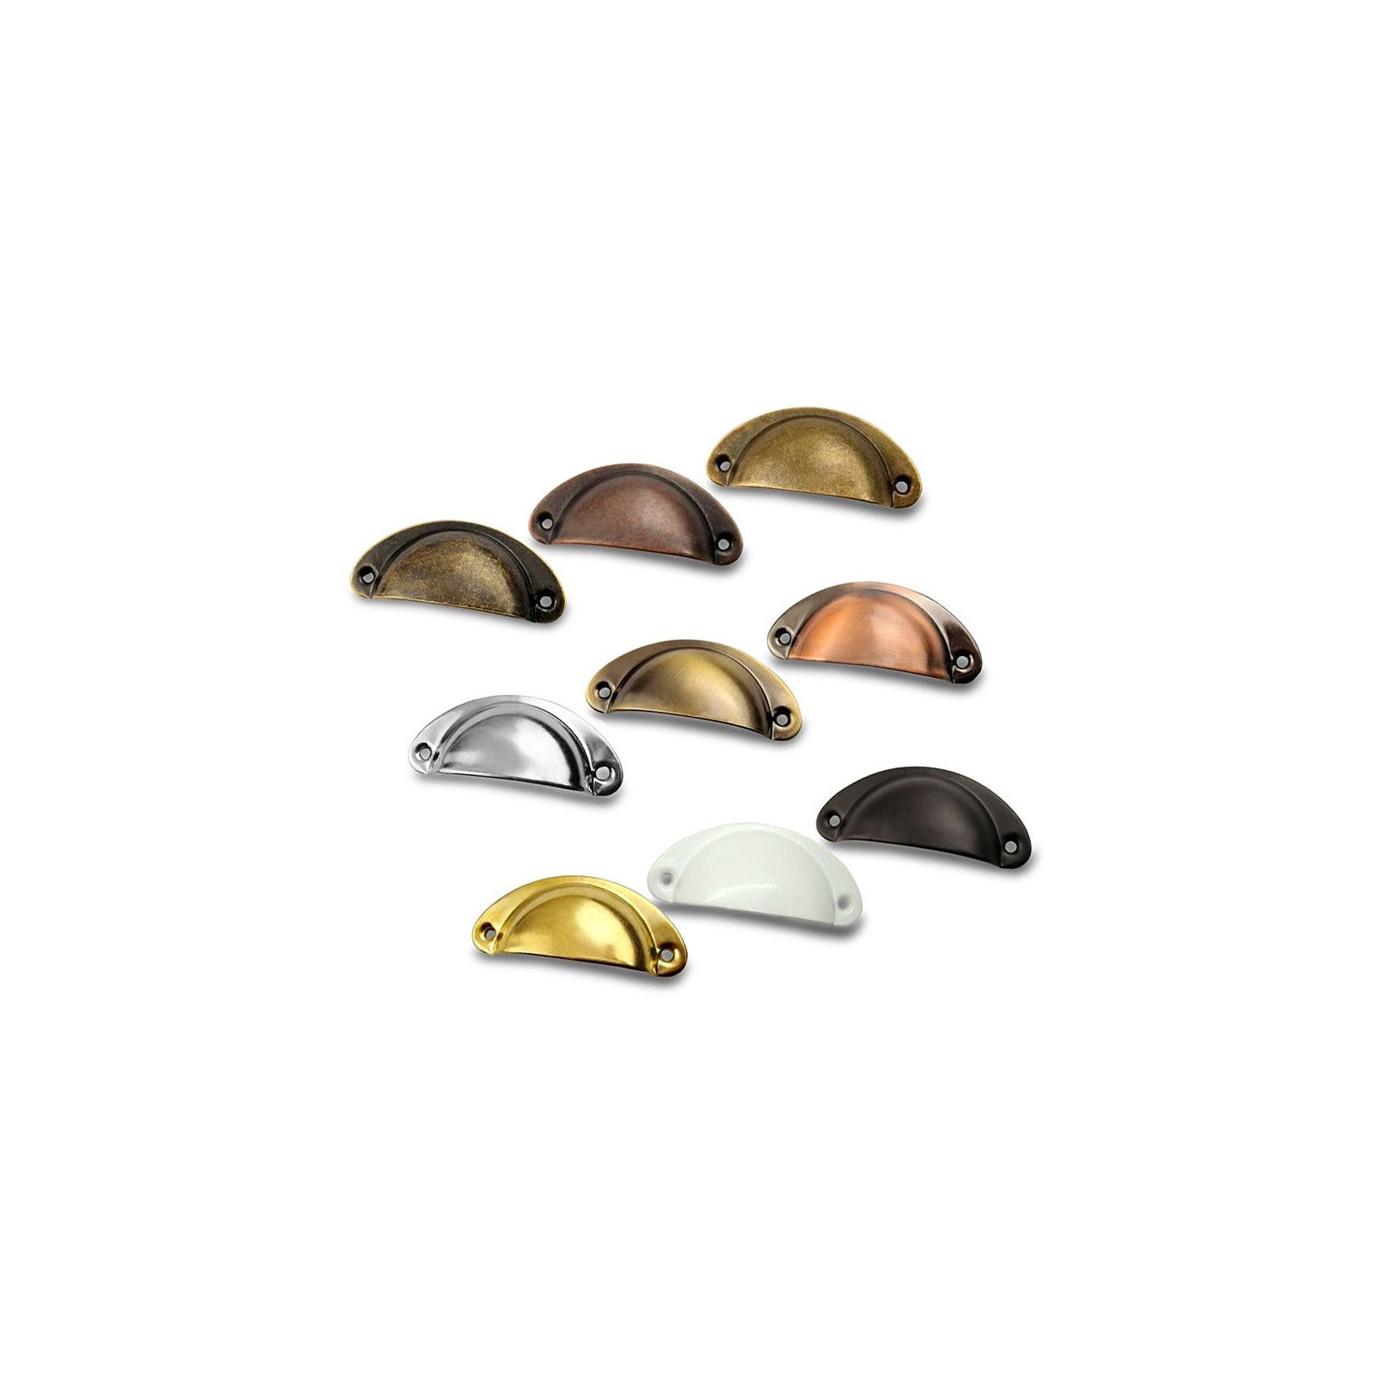 Set von 8 muschelförmigen Griffen für Möbel: Farbe 5